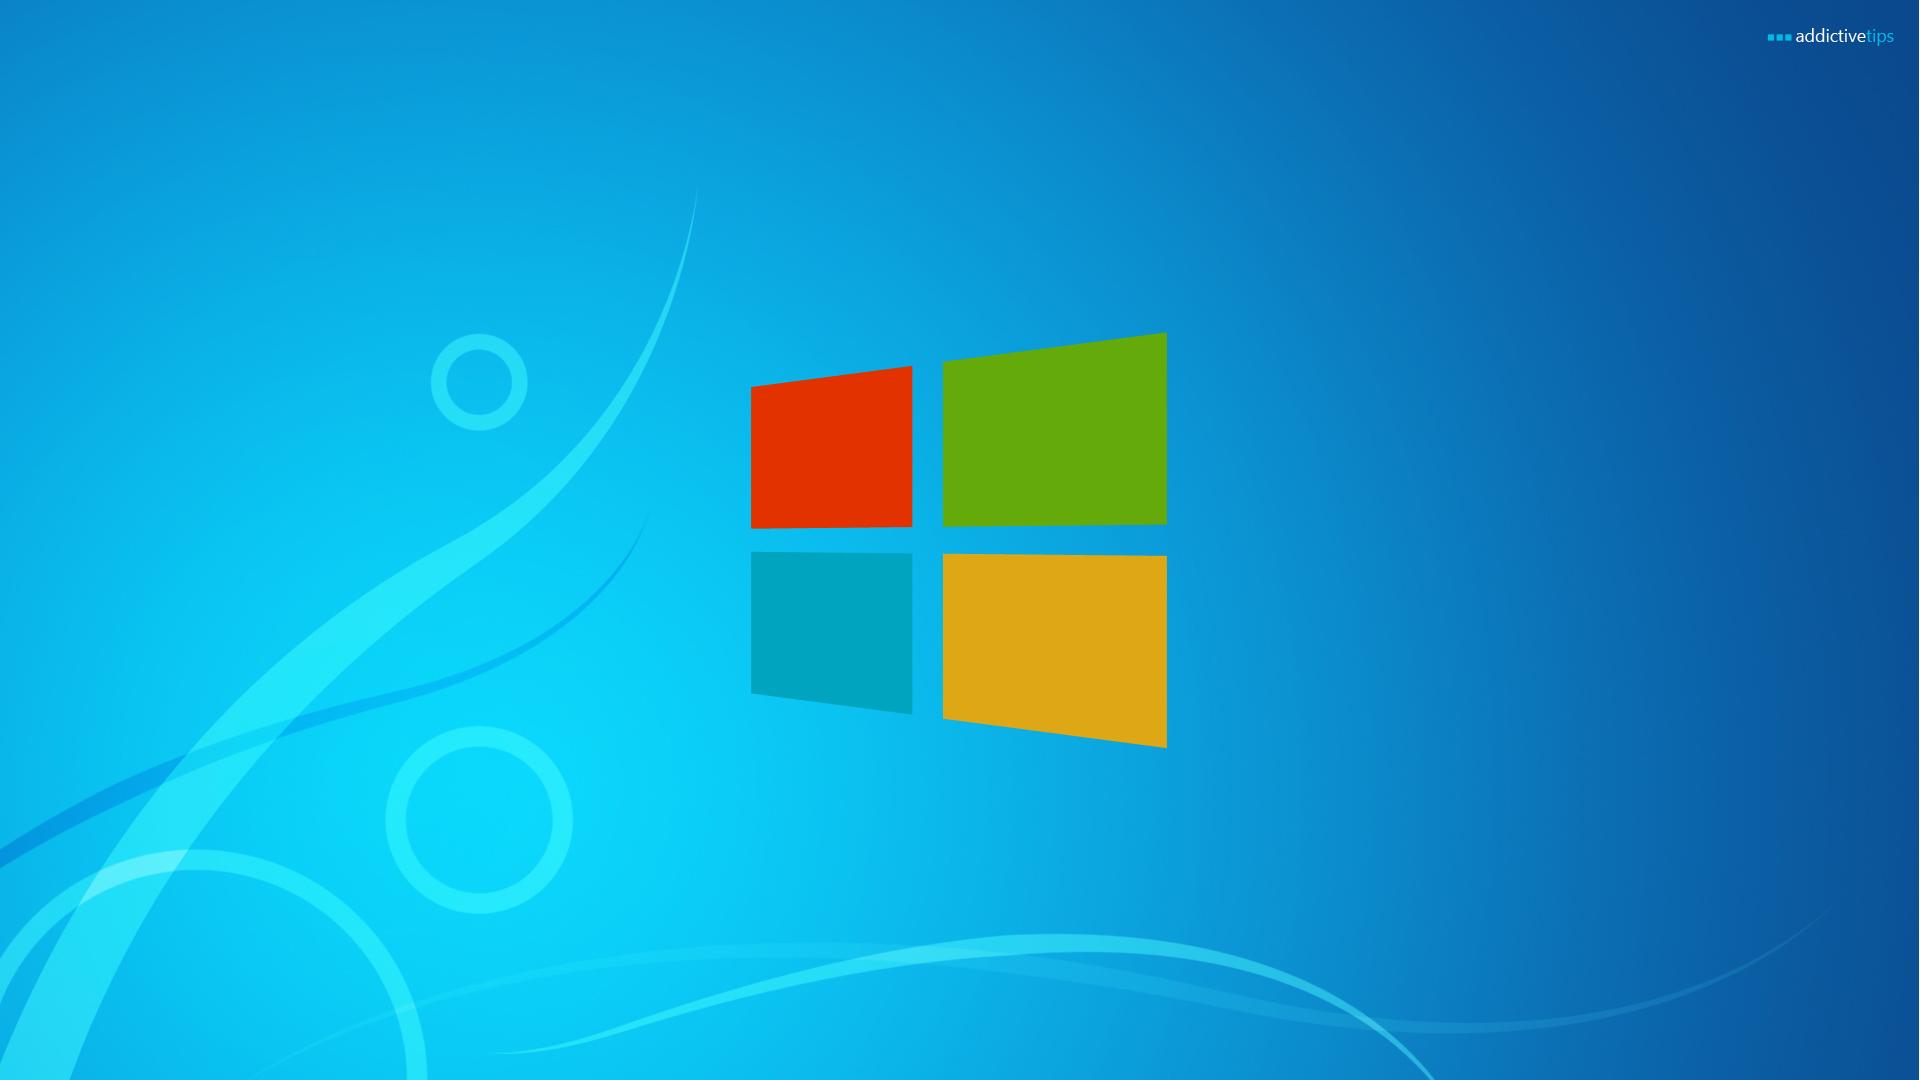 windows 10 wallpaper hd desktop computer windows 10jpg 1920x1080